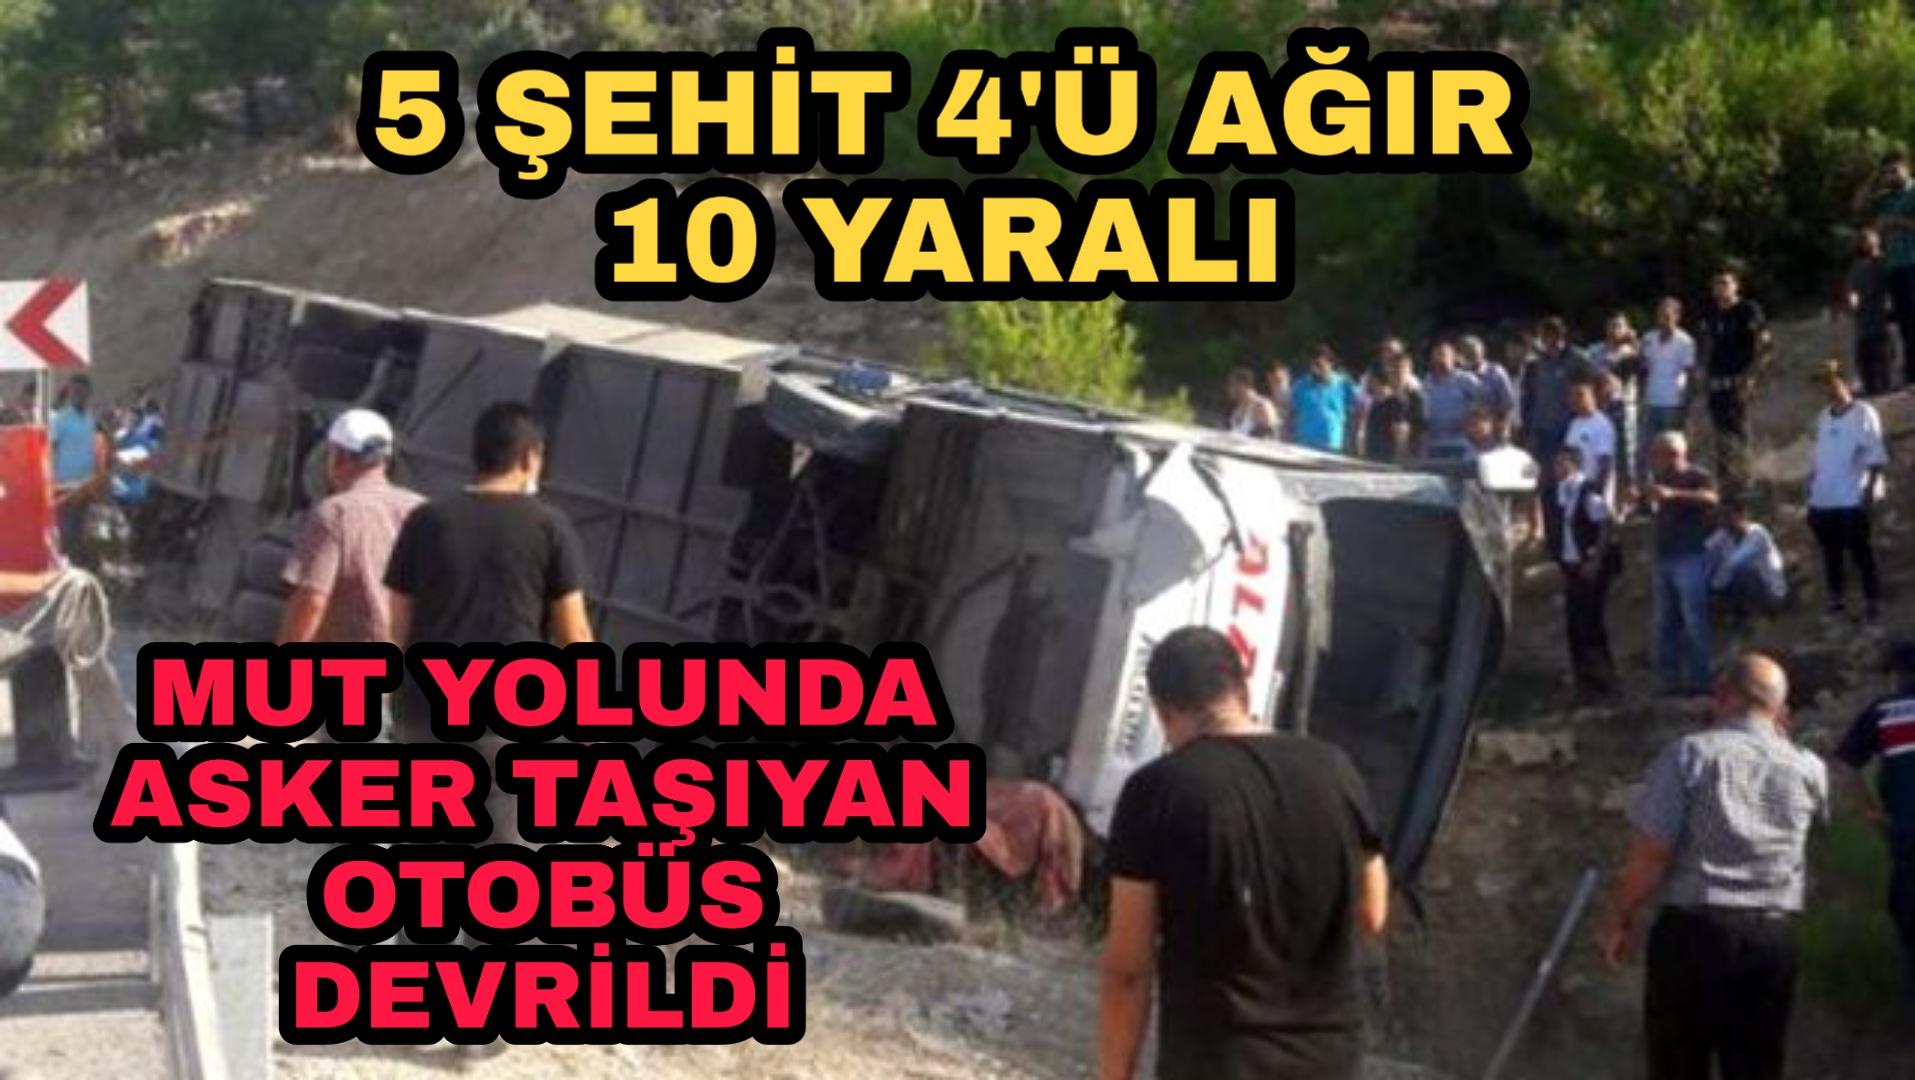 MUT YOLUNDA ASKERLERİ TAŞIYAN OTOBÜS DEVRİLDI 5 ASKER ŞEHİT